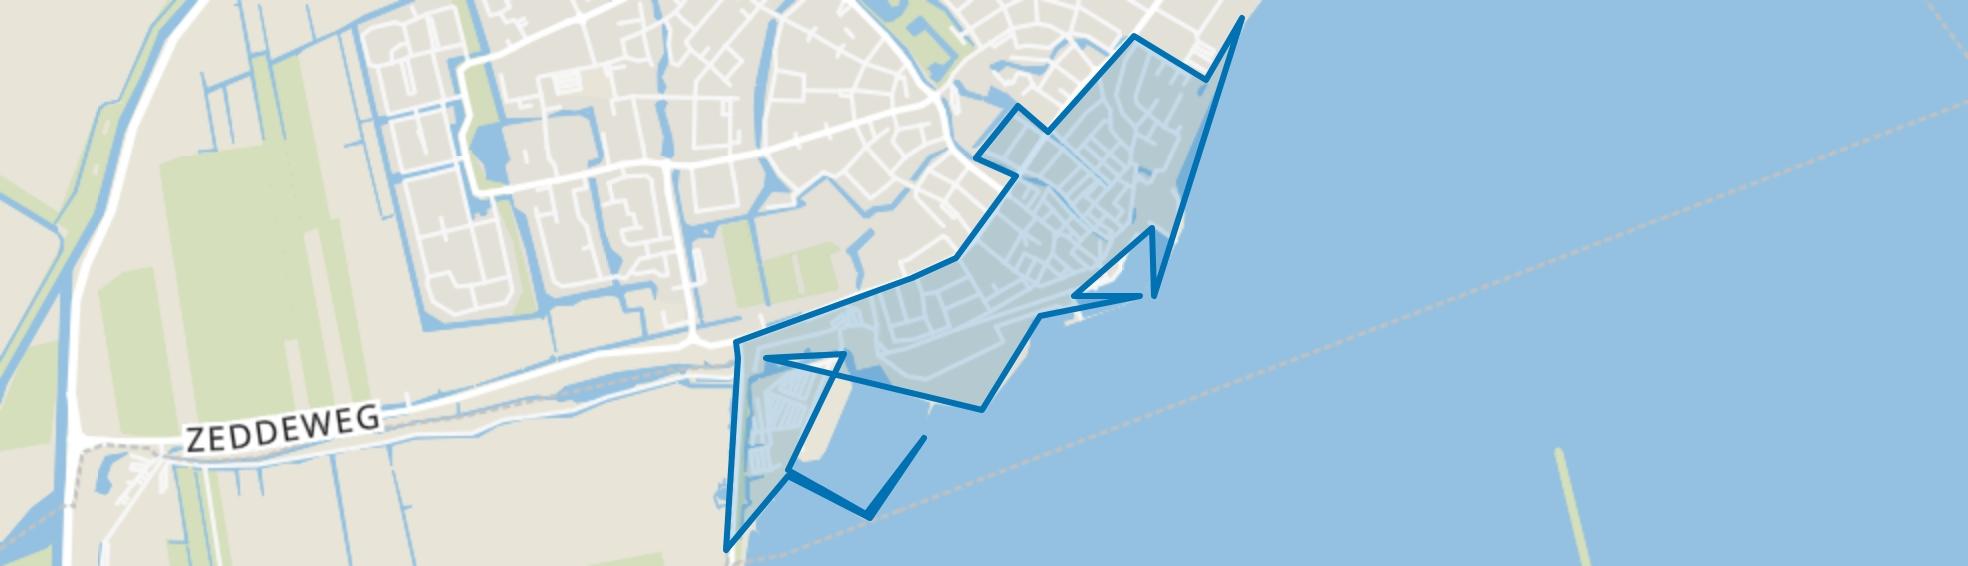 Volendam-Oude kom, Volendam map